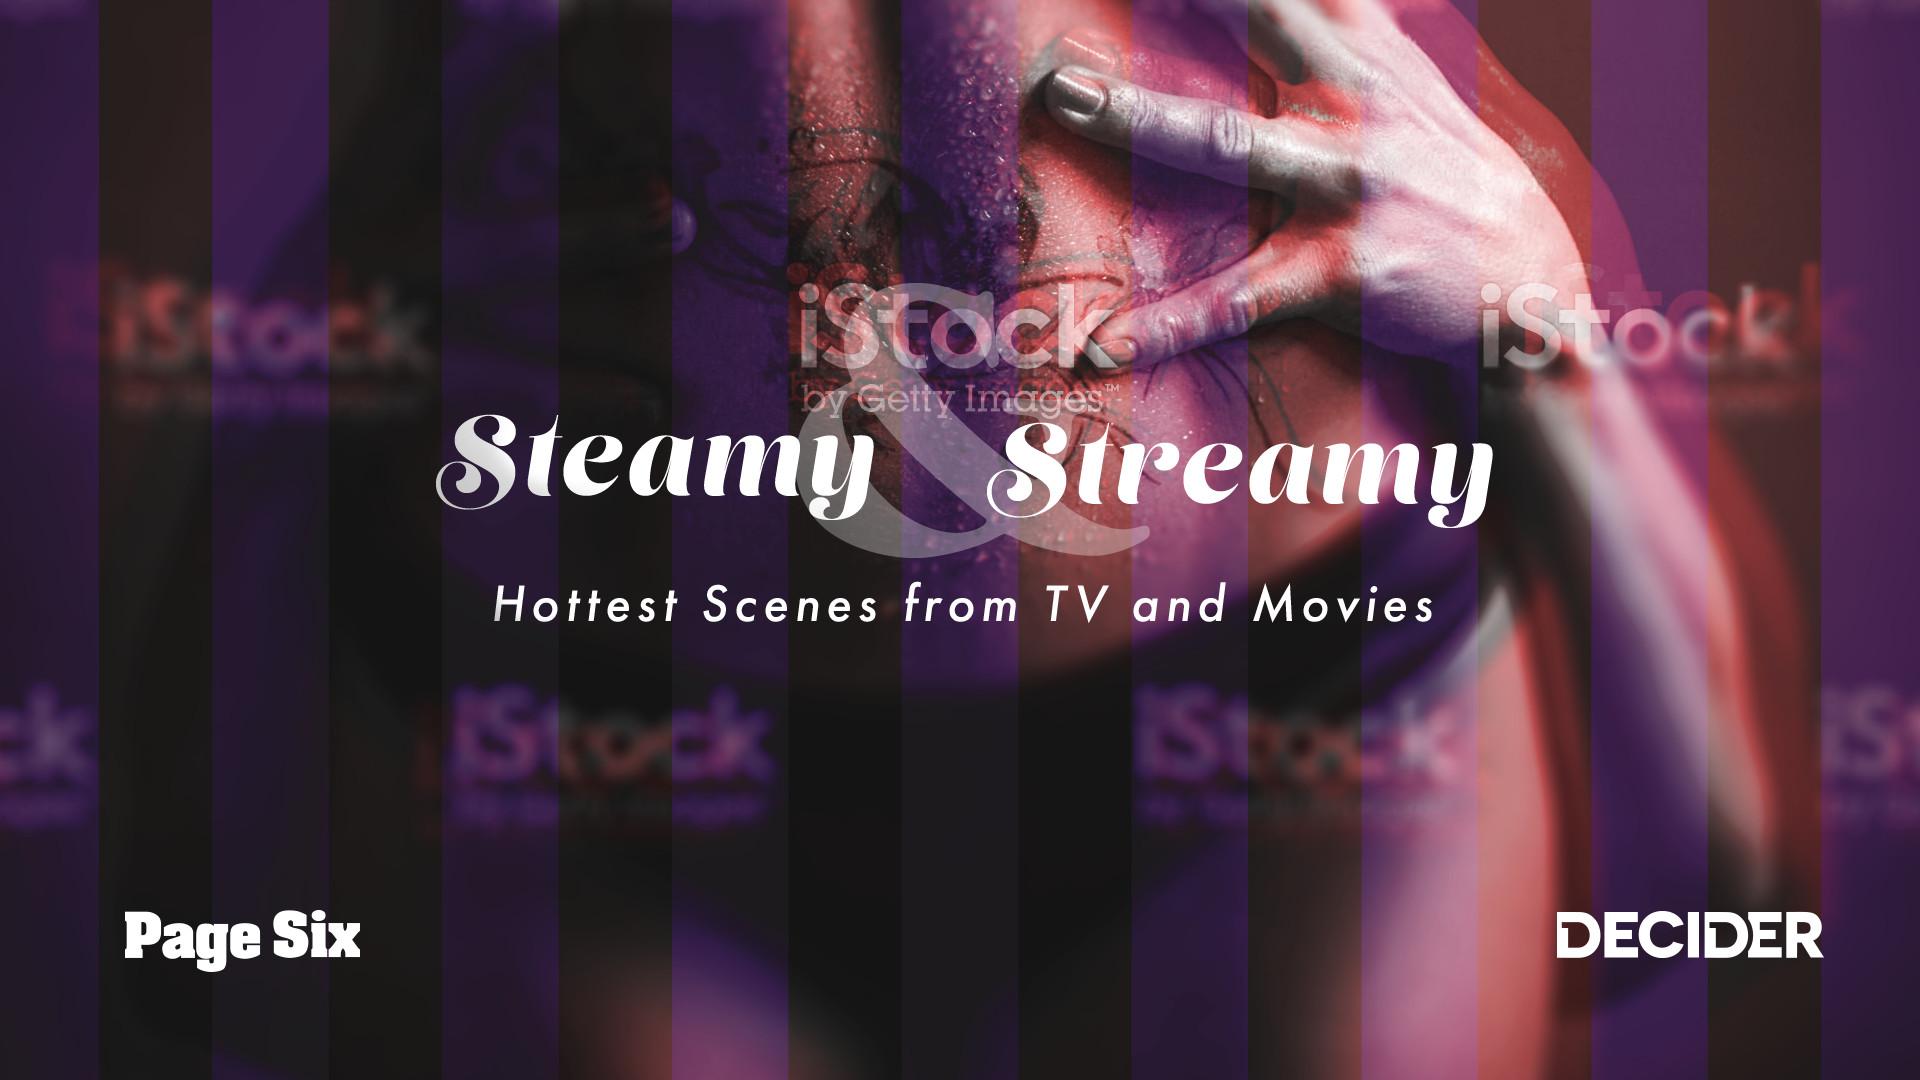 Steamy and Streamy Design_Opt01_V1